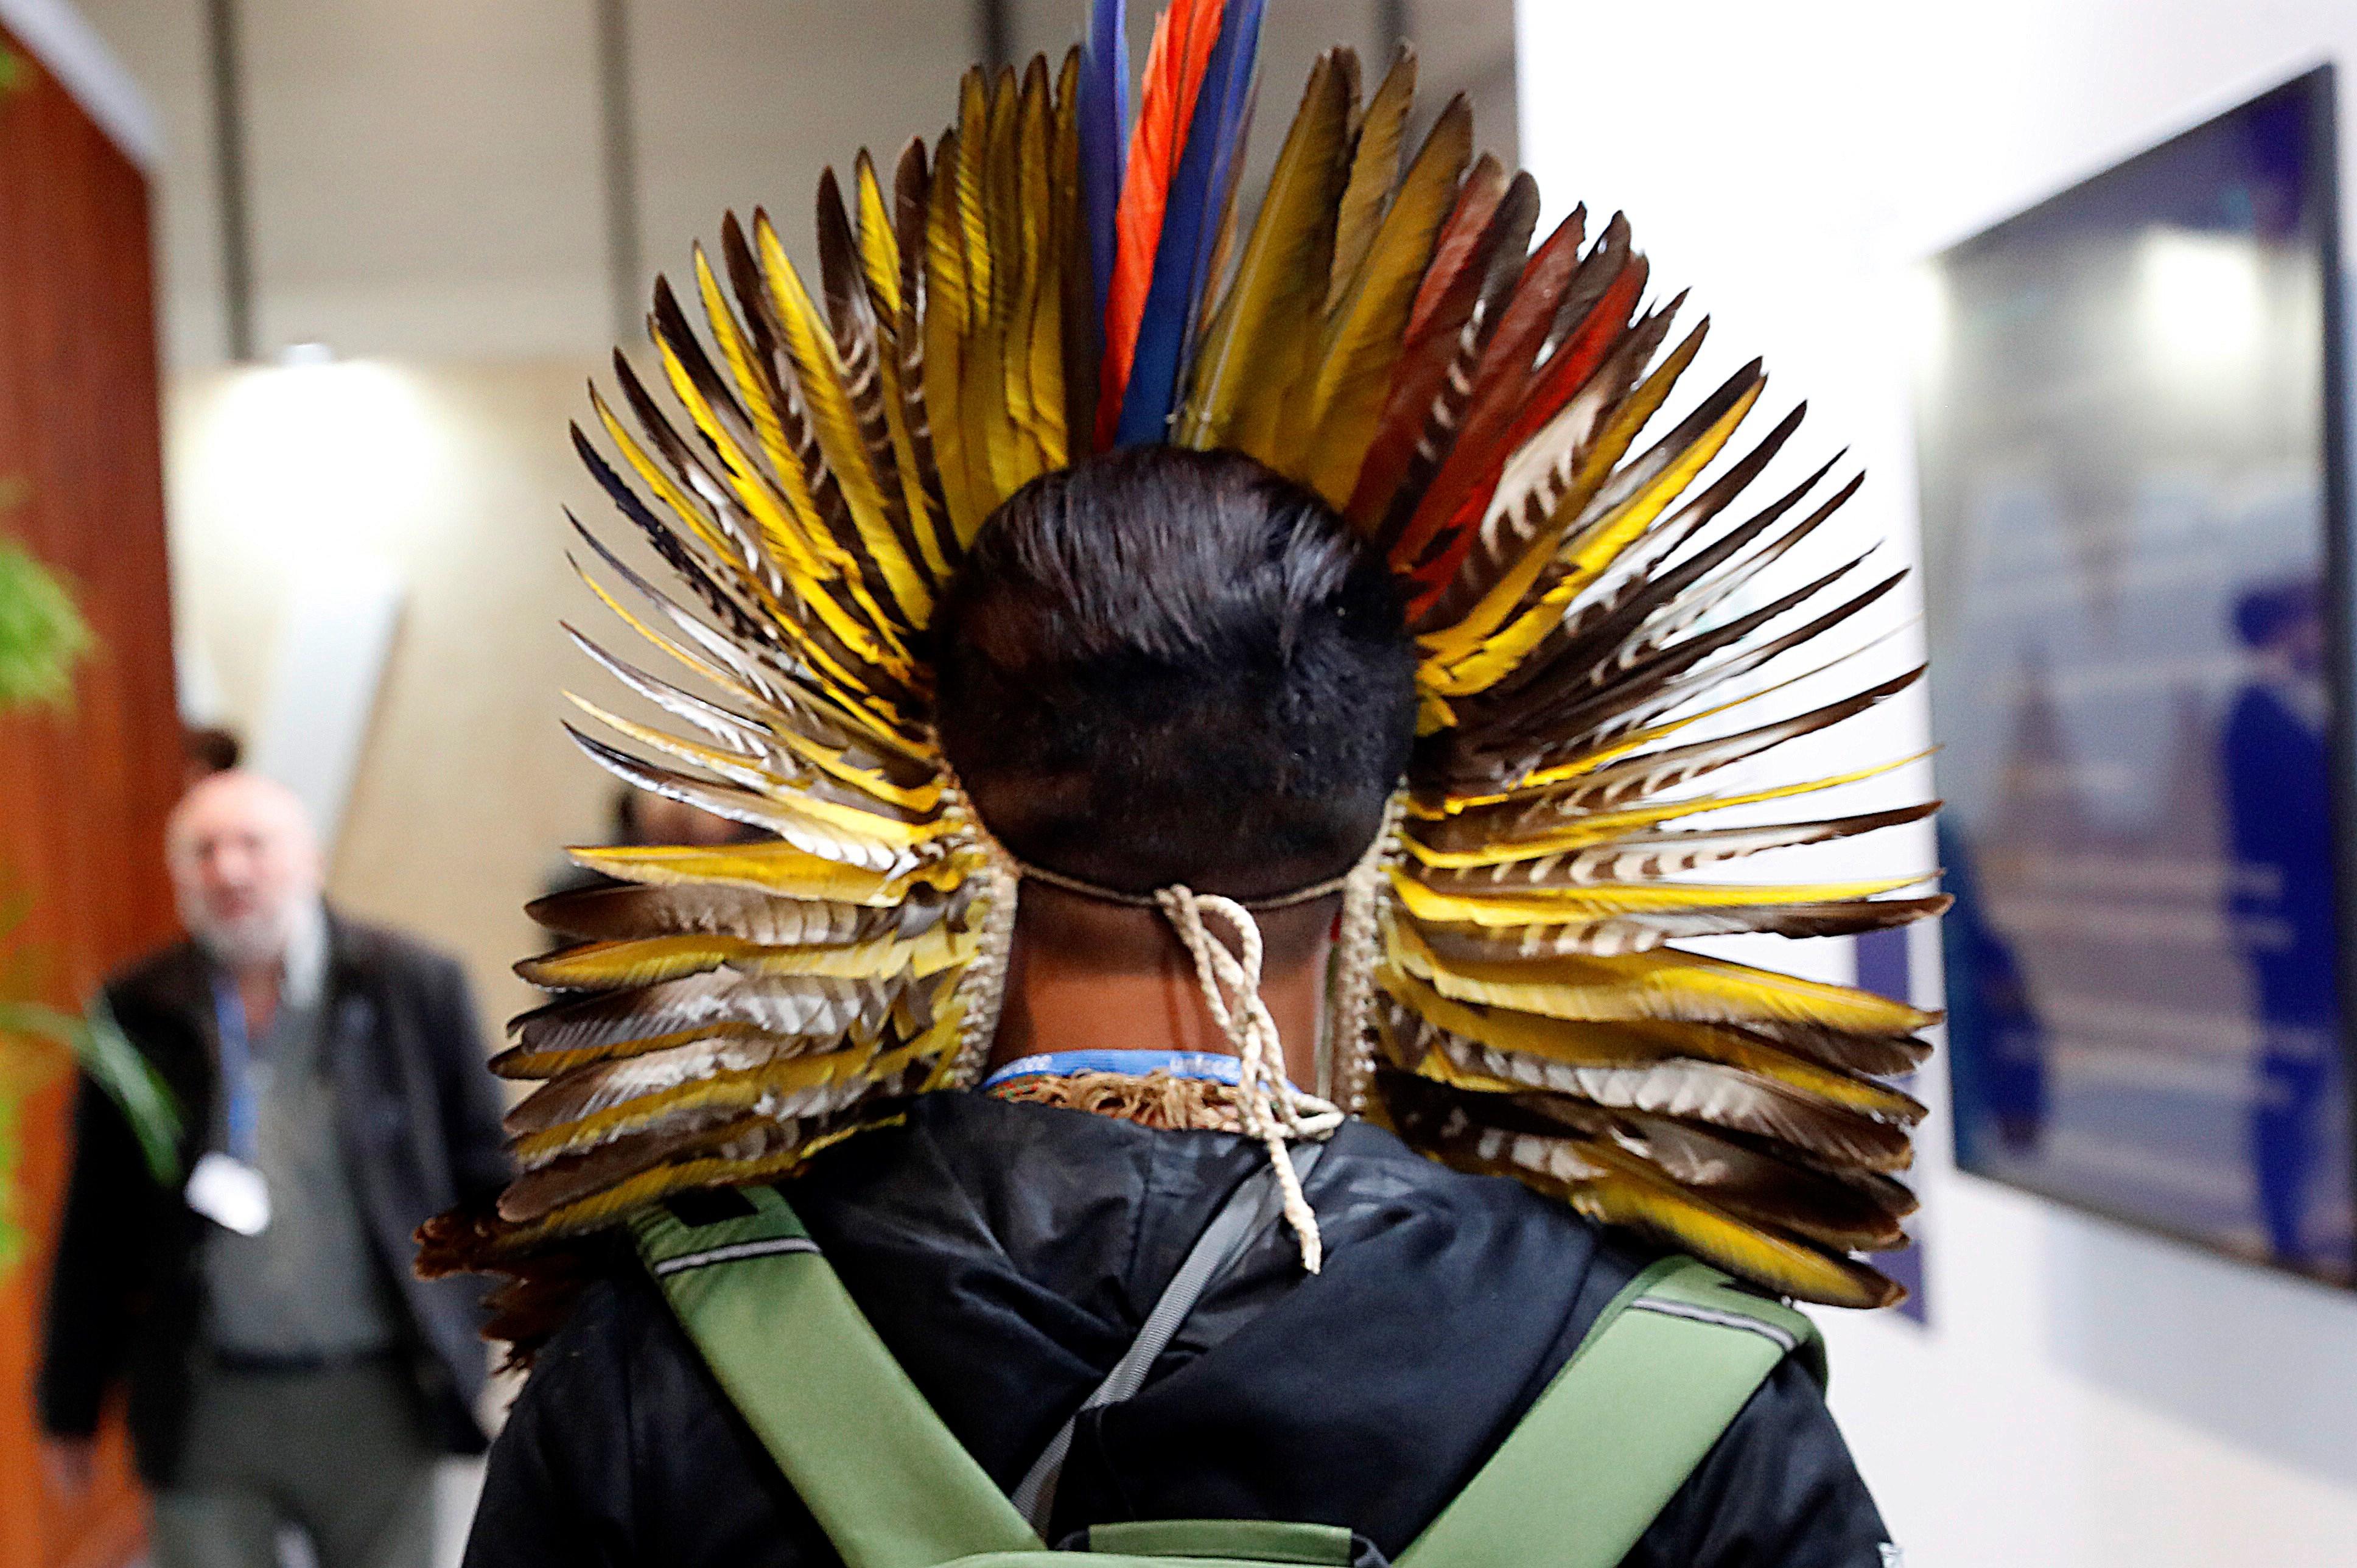 Un indígena assisteix a la Cimera del Clima que té lloc a Madrid del 2 al 13 de desembre. / EFE